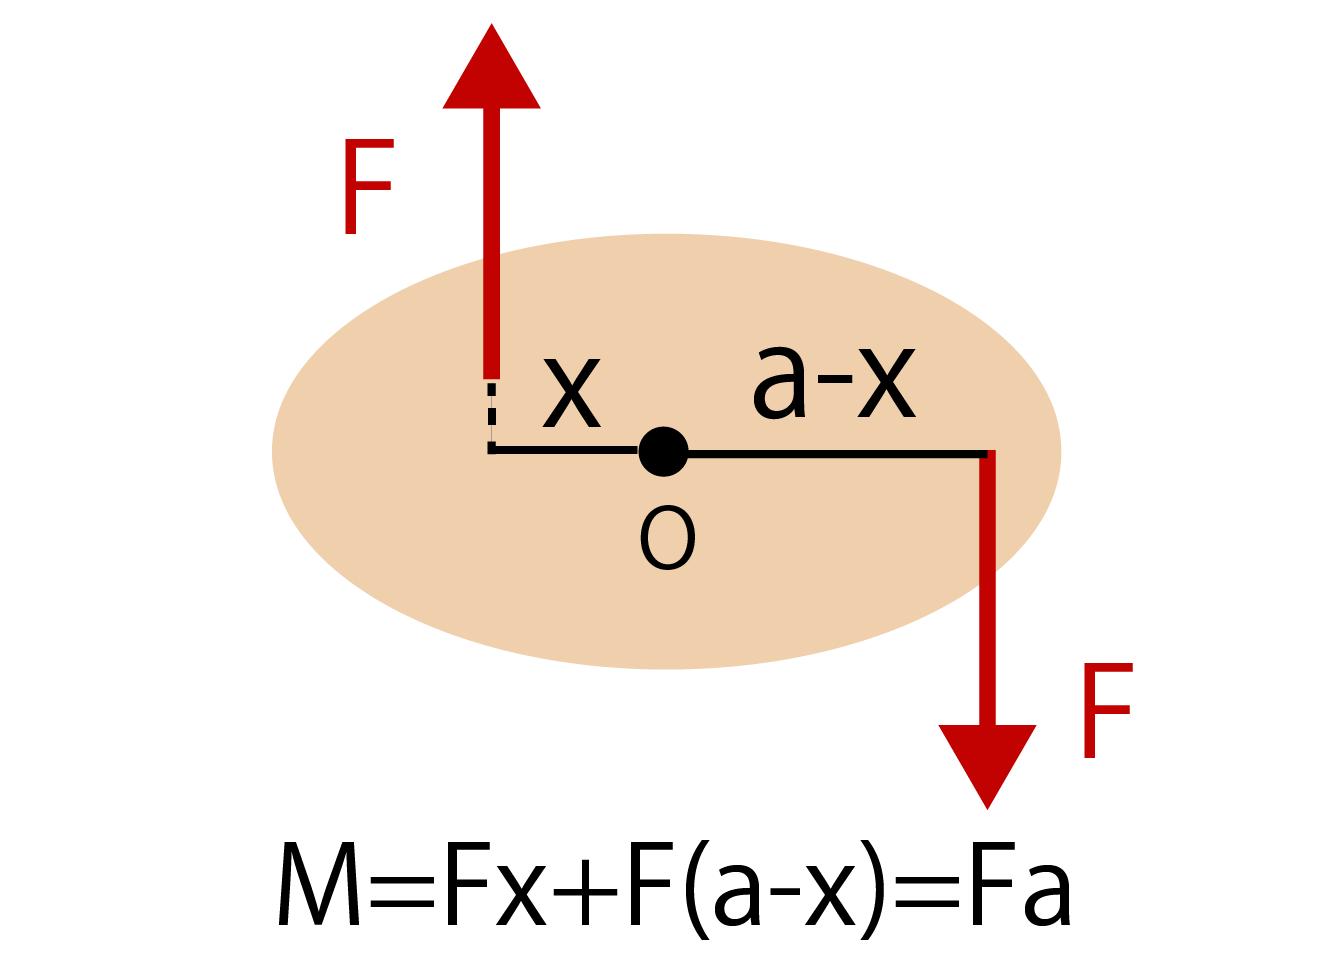 偶力のモーメントの公式・求め方解説画像